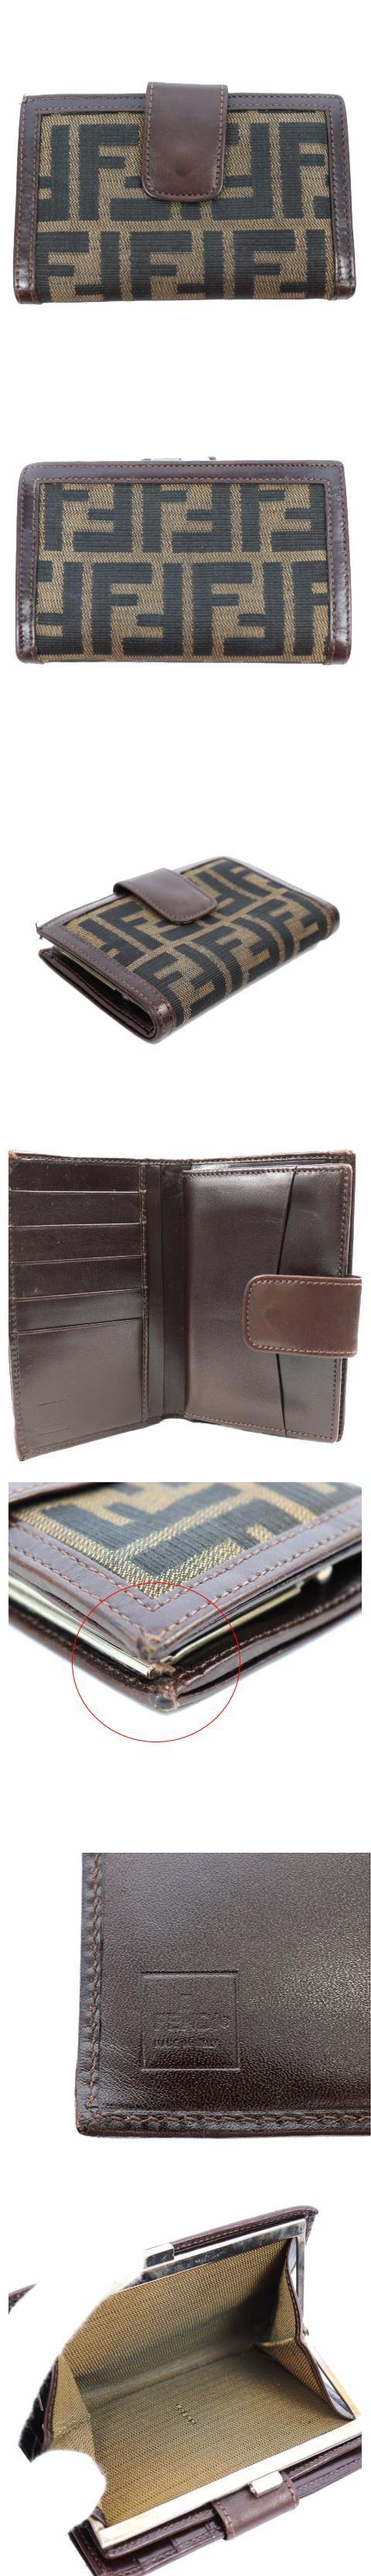 財布 二つ折り 小銭入れ ズッカ柄 がま口 レザー 茶 ブラウン /M2N